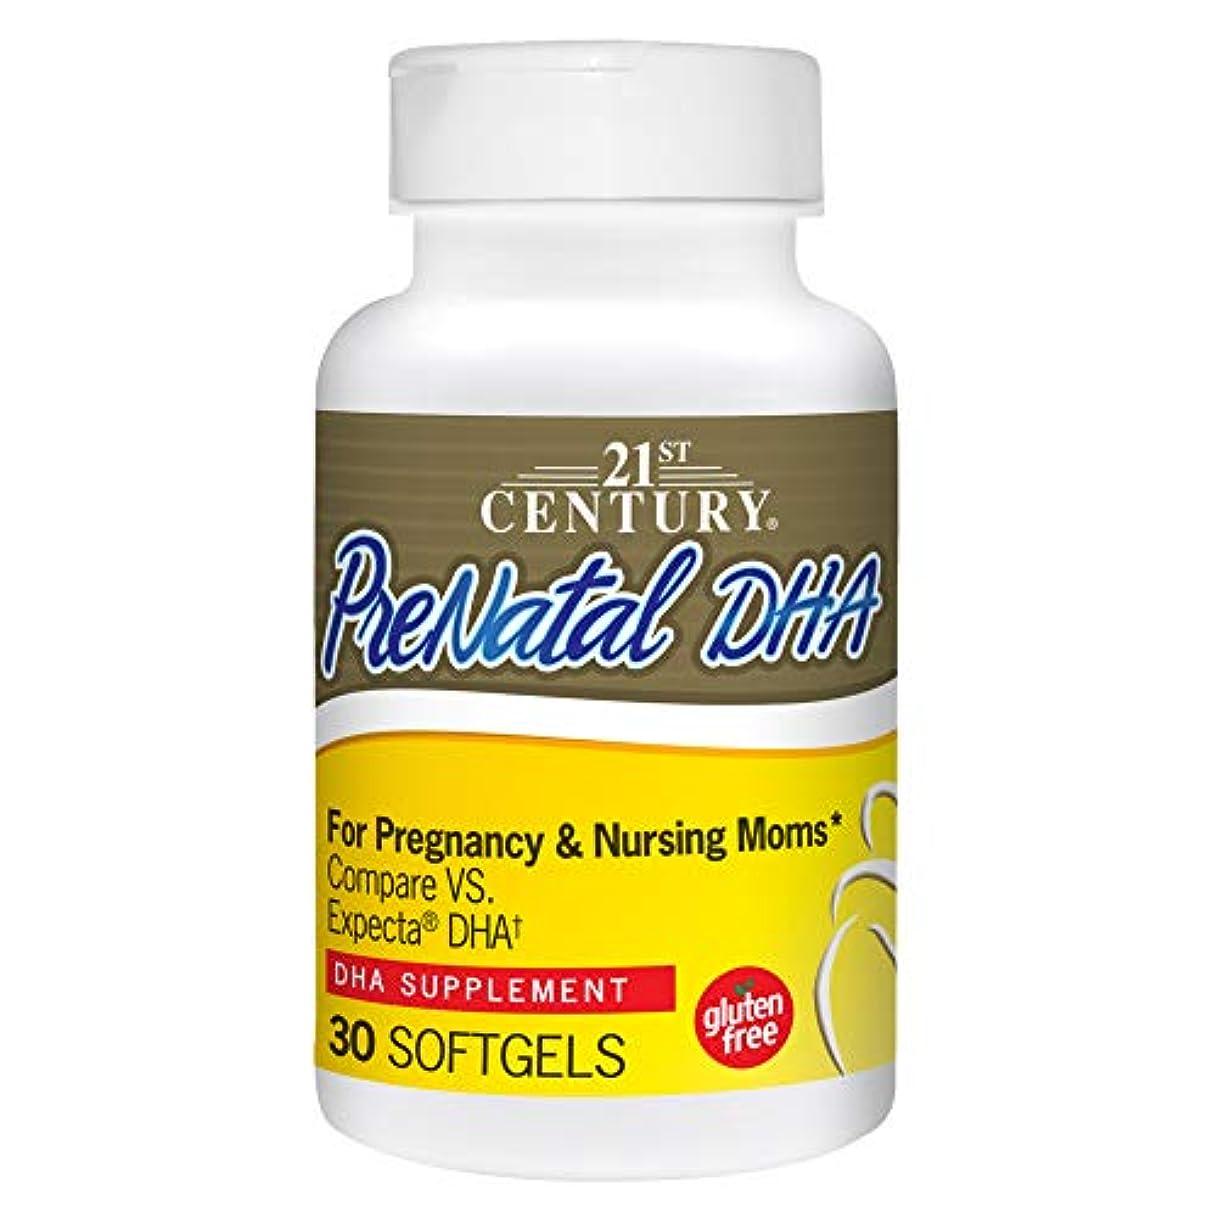 完全に窓一貫性のない妊婦用 PreNatal DHA 出生前DHA30ソフトジェル (パラレル入力品)と妊婦(海外カラの直送品)PreNatal DHA 30 Softgels